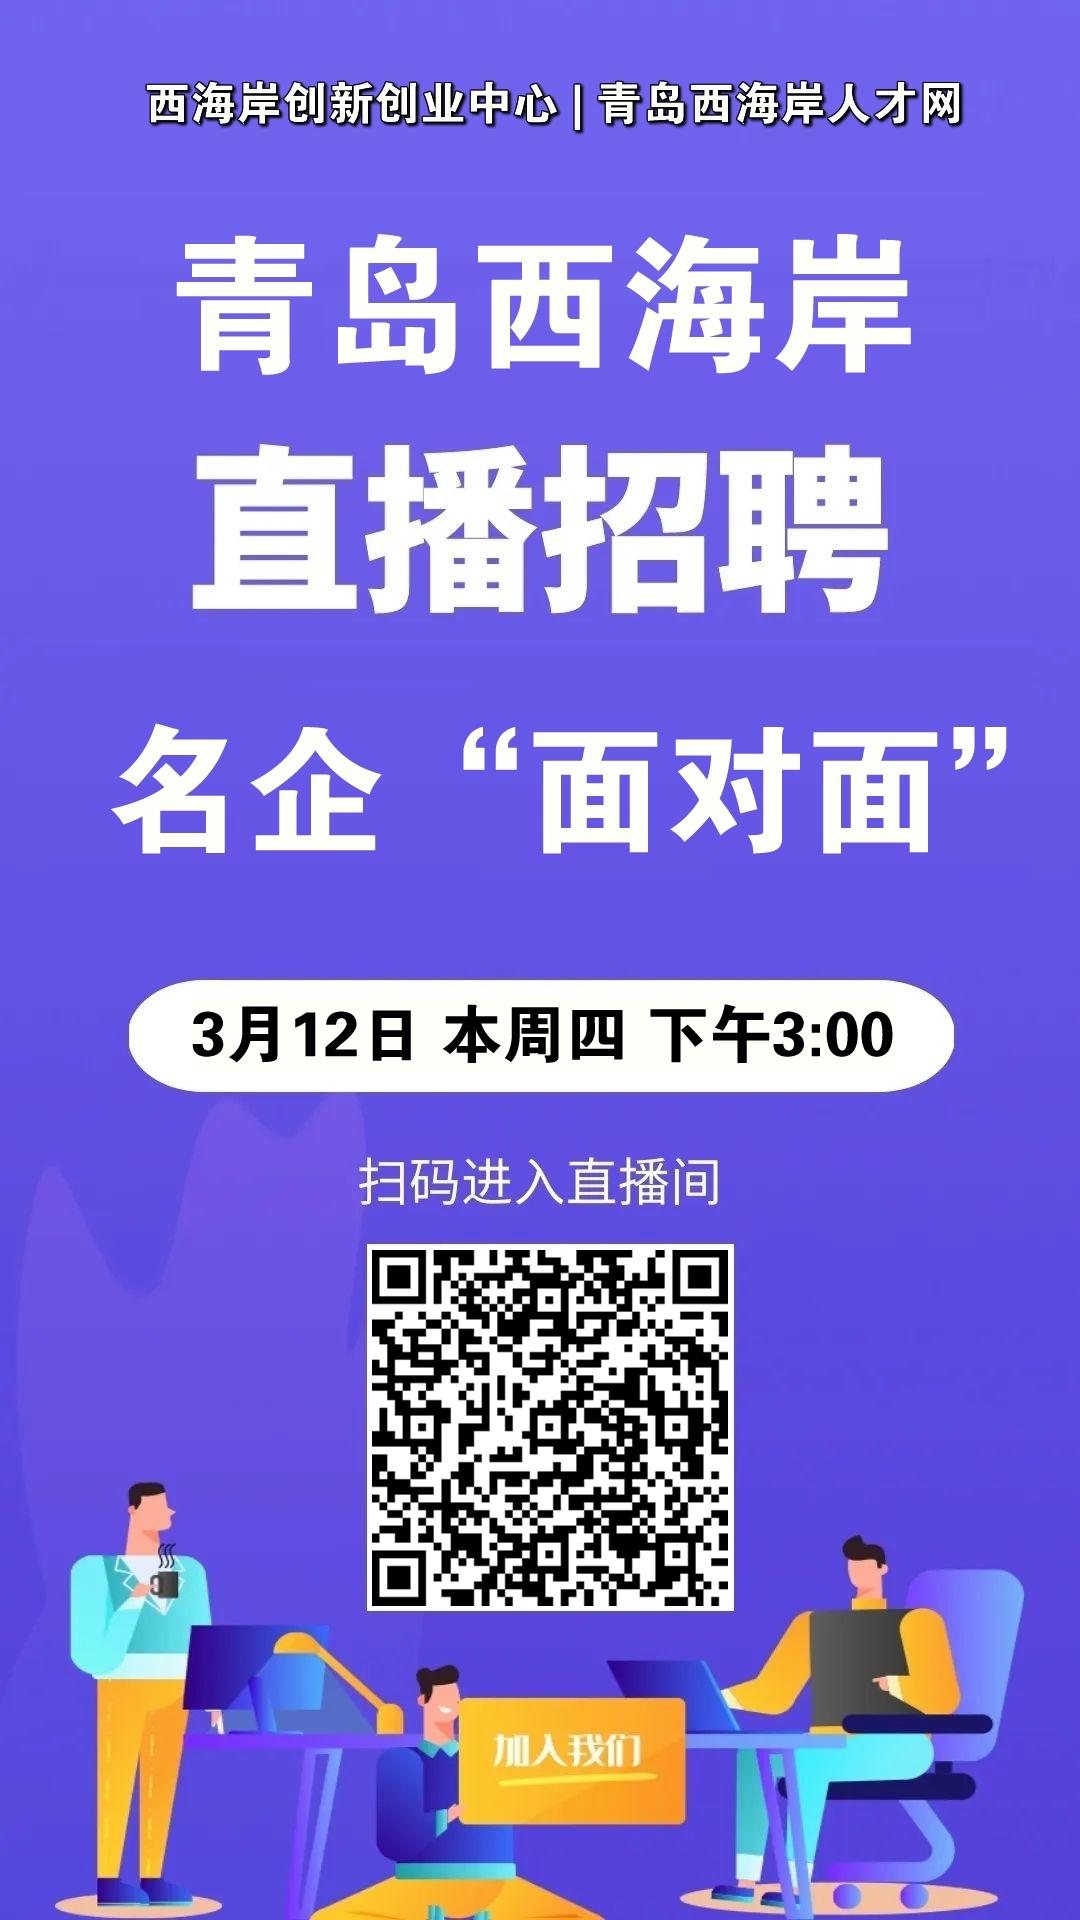 微信推文2.png